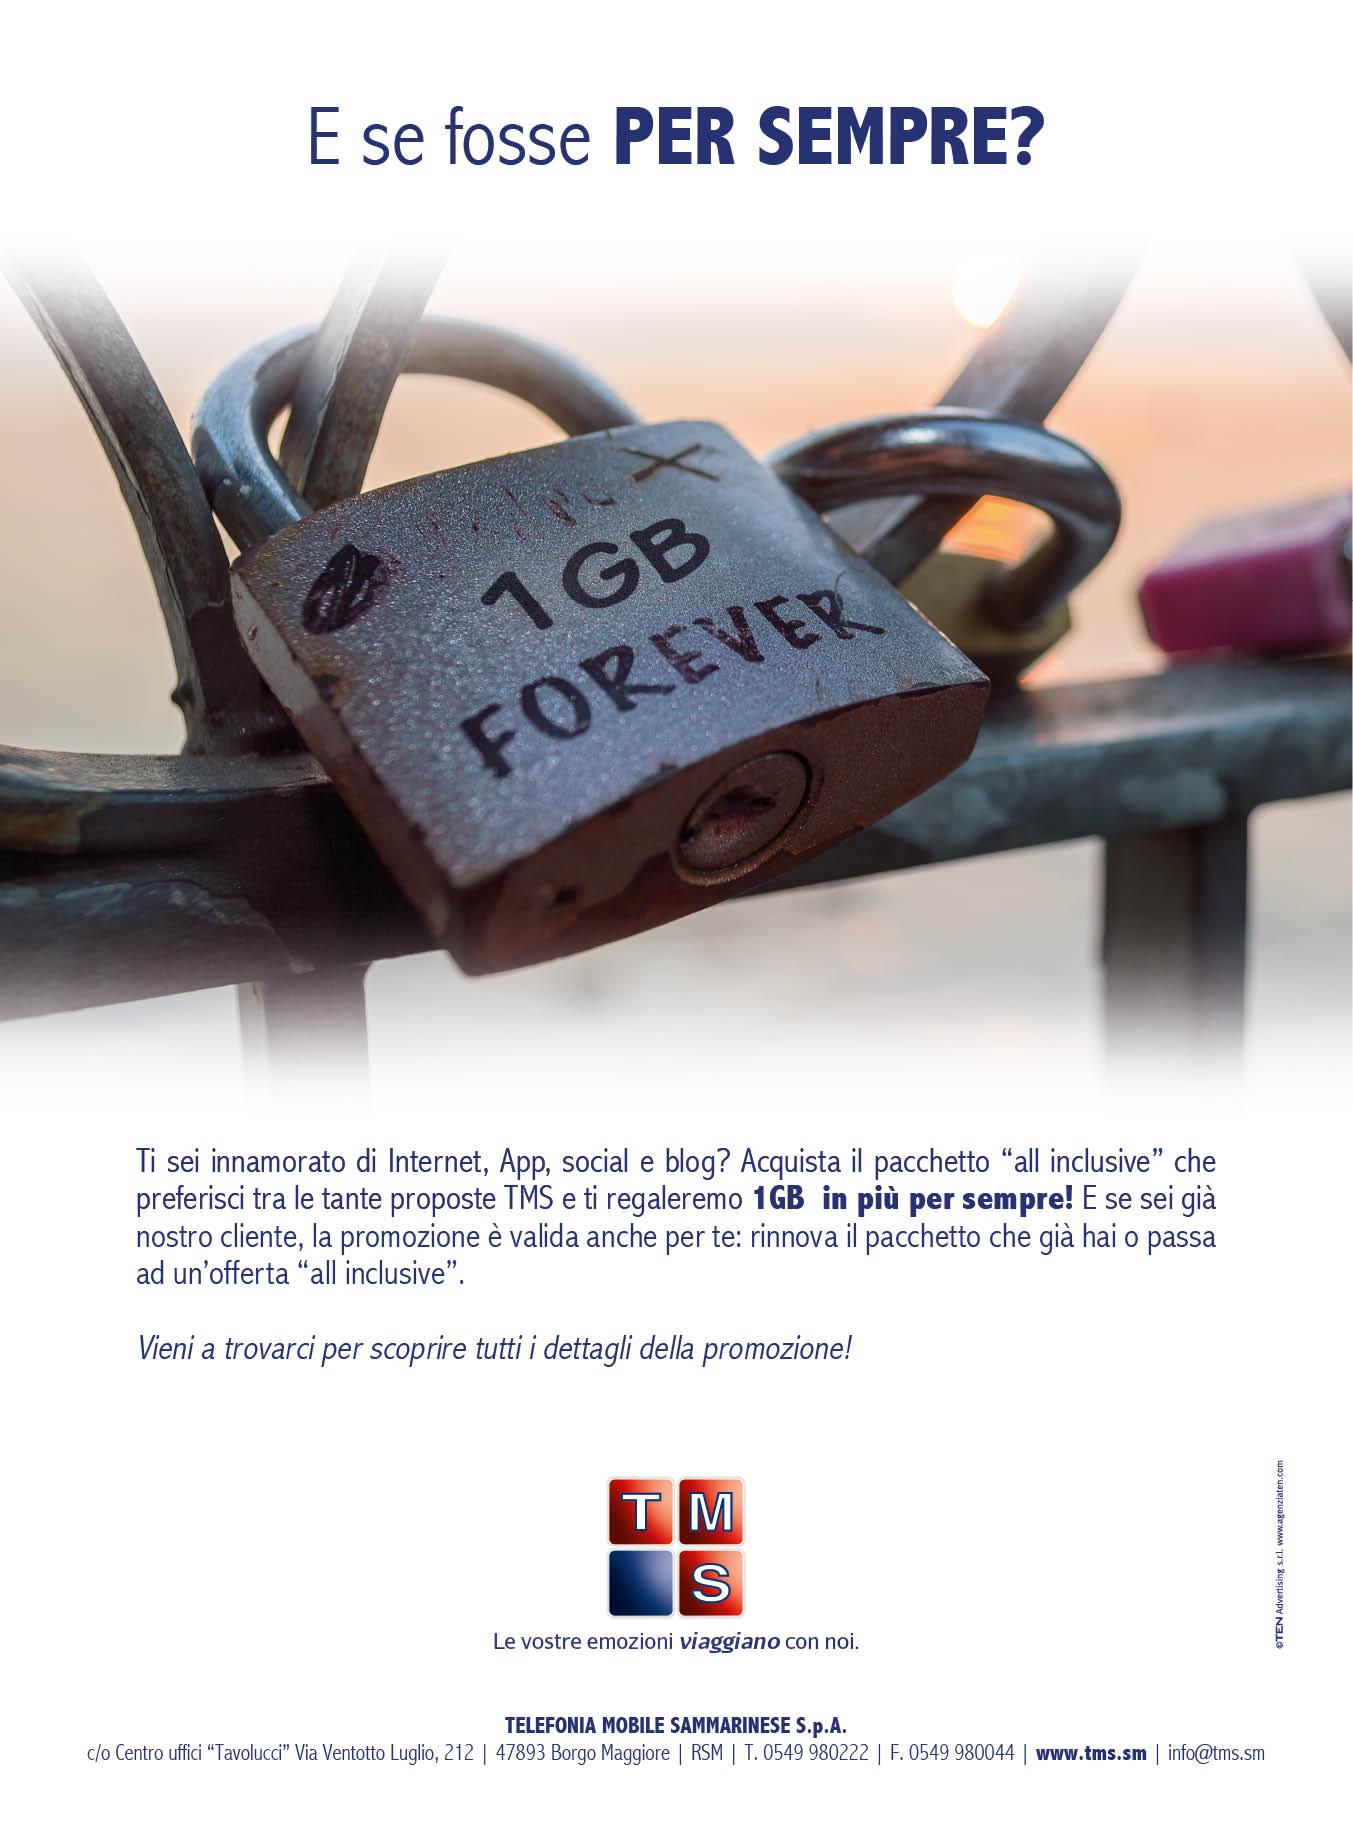 TEN-advertising-campagna-pubblicitaria-Telefonia-mobile-San-marino-1-Giga-Gratis-inserzione-la-tribuna